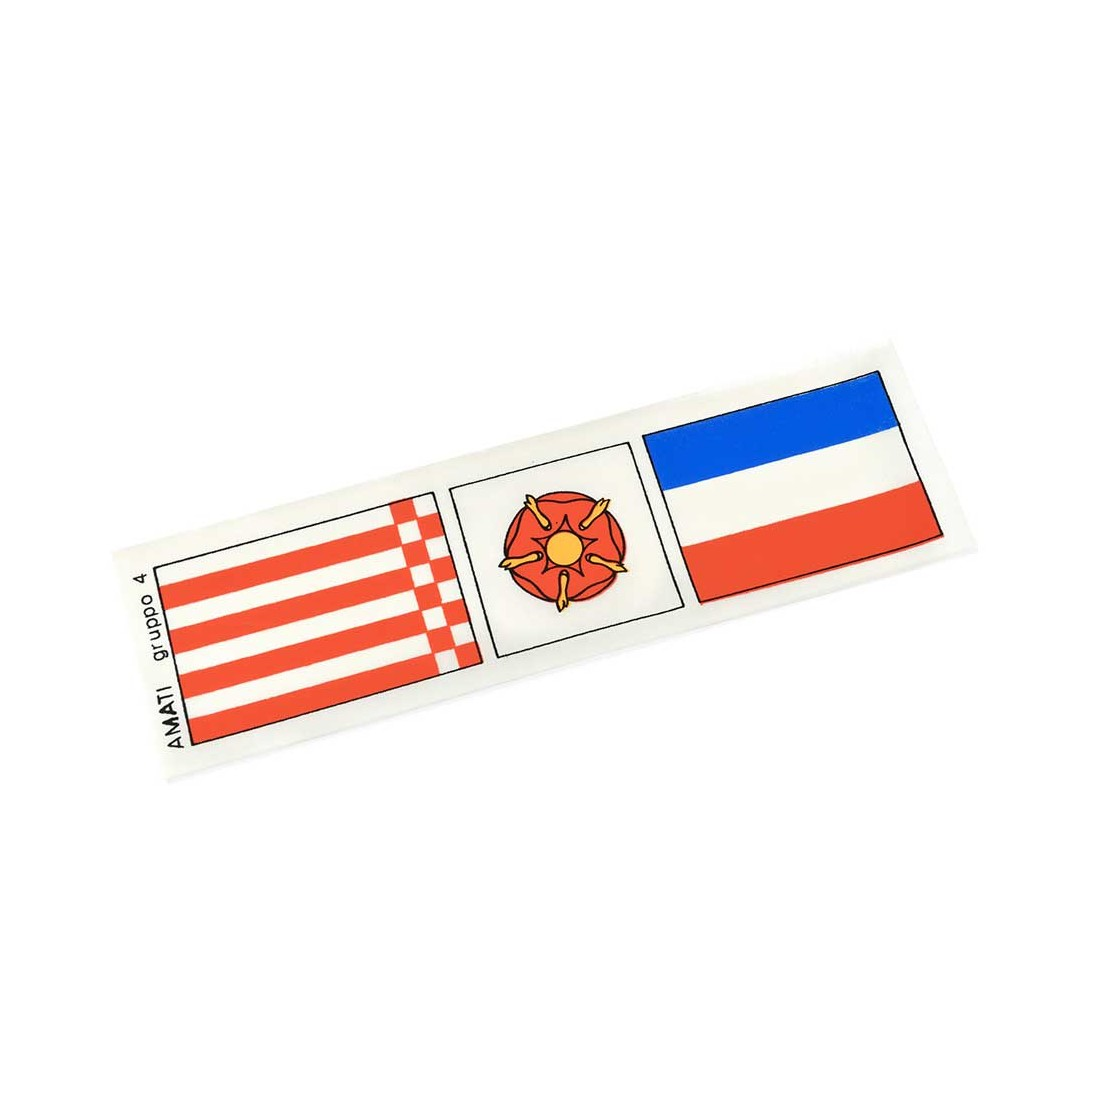 Stadt Von Bremen flags